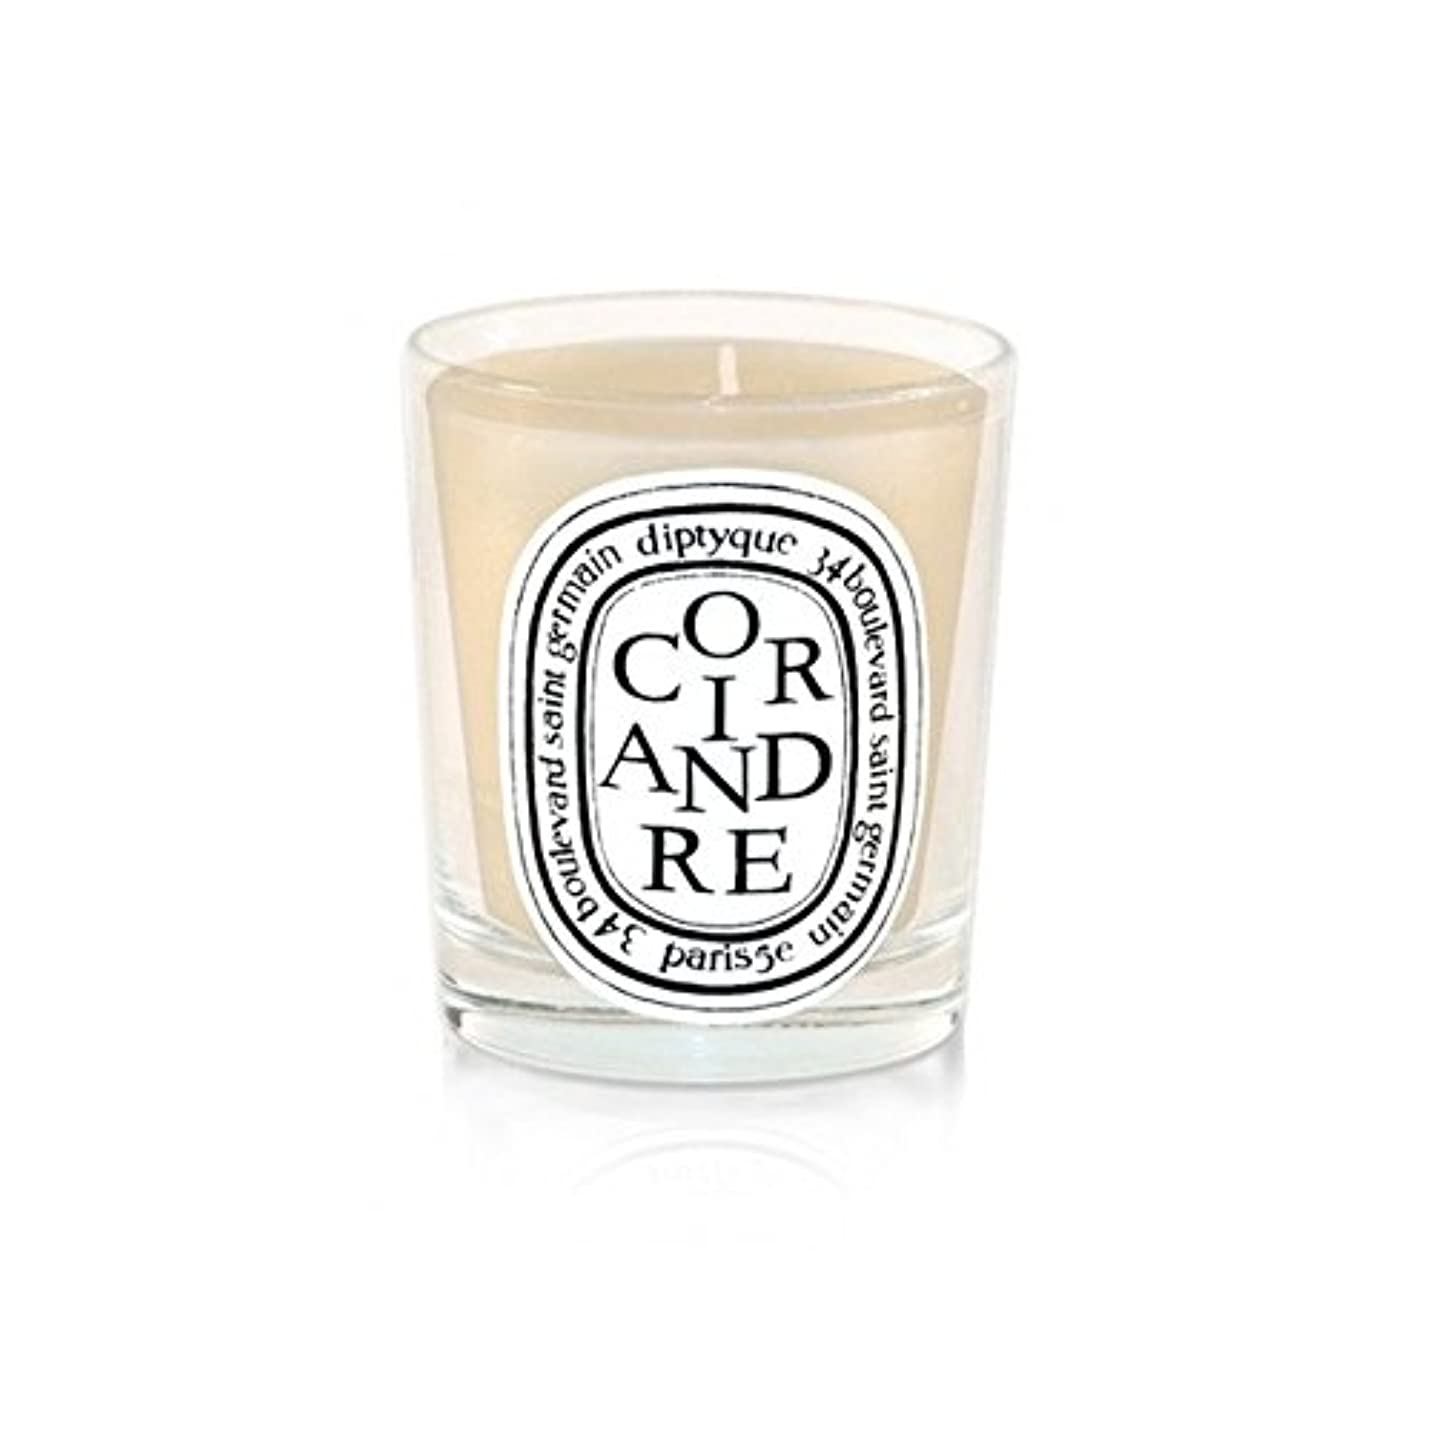 飢材料邪魔するDiptyqueキャンドルCoriandre /コリアンダー190グラム - Diptyque Candle Coriandre / Coriander 190g (Diptyque) [並行輸入品]